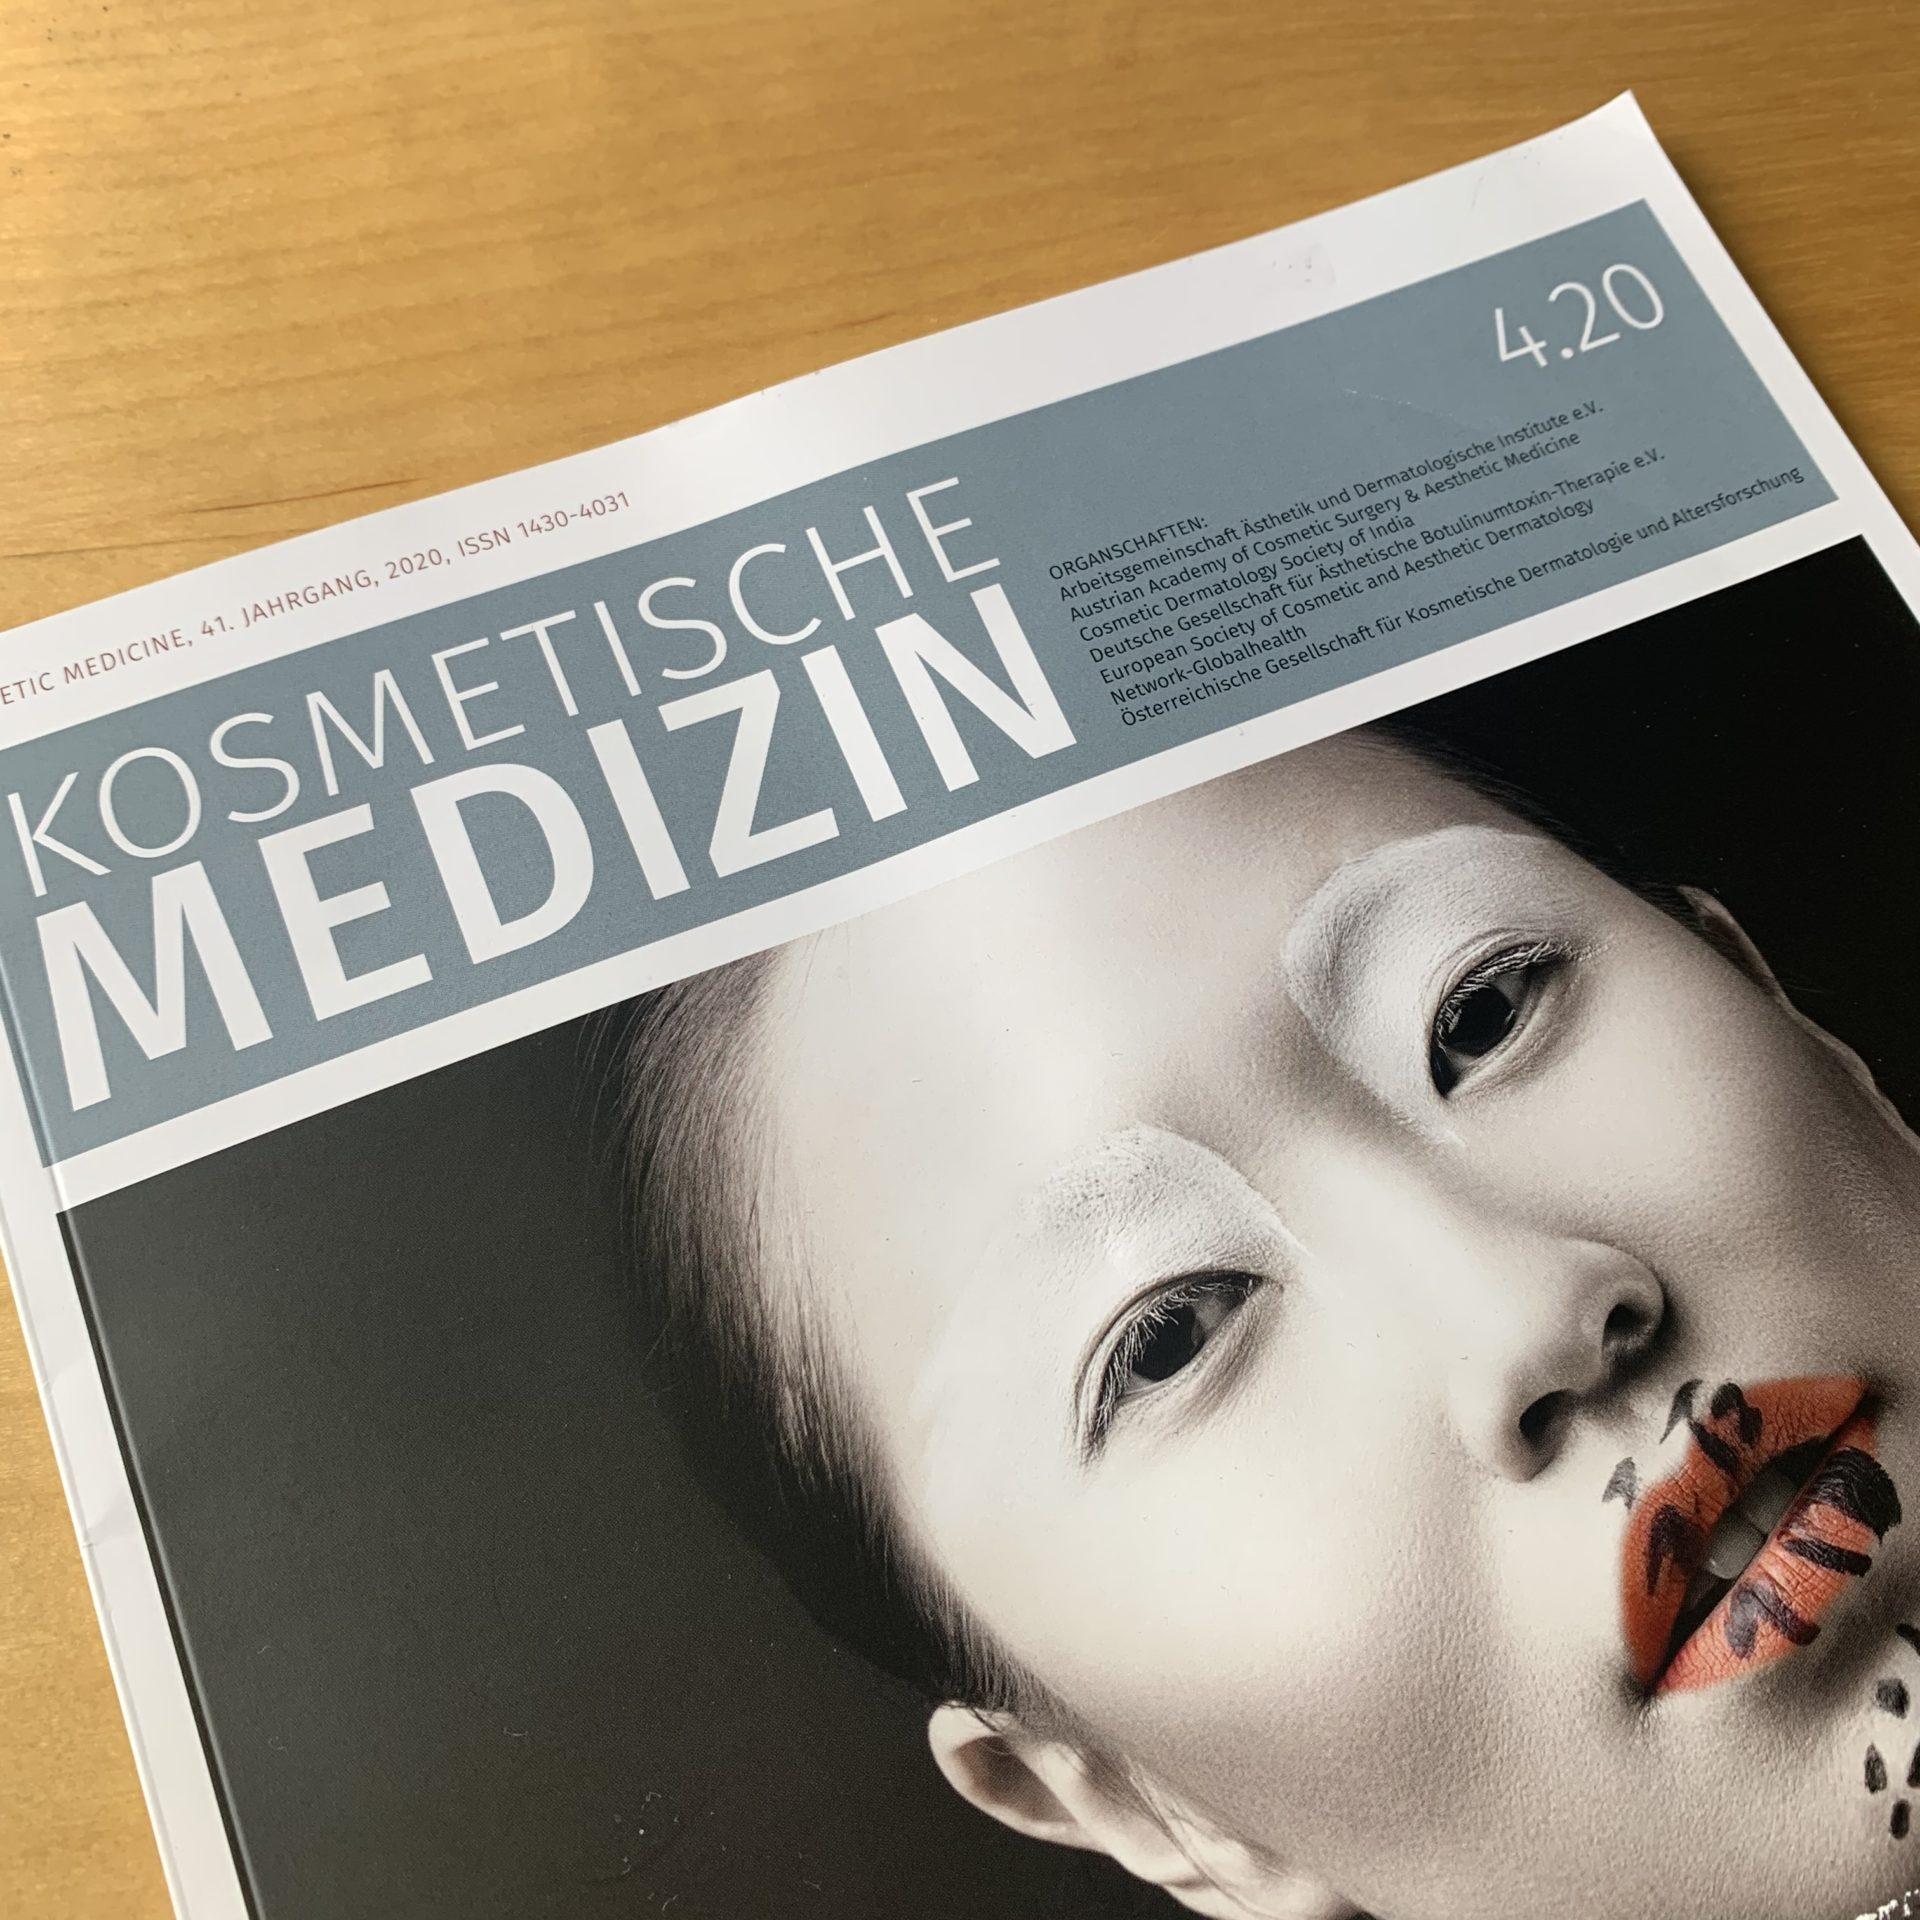 Unser Beitrag in der Kosmetischen Medizin 5.5 - skinmedic GmbH